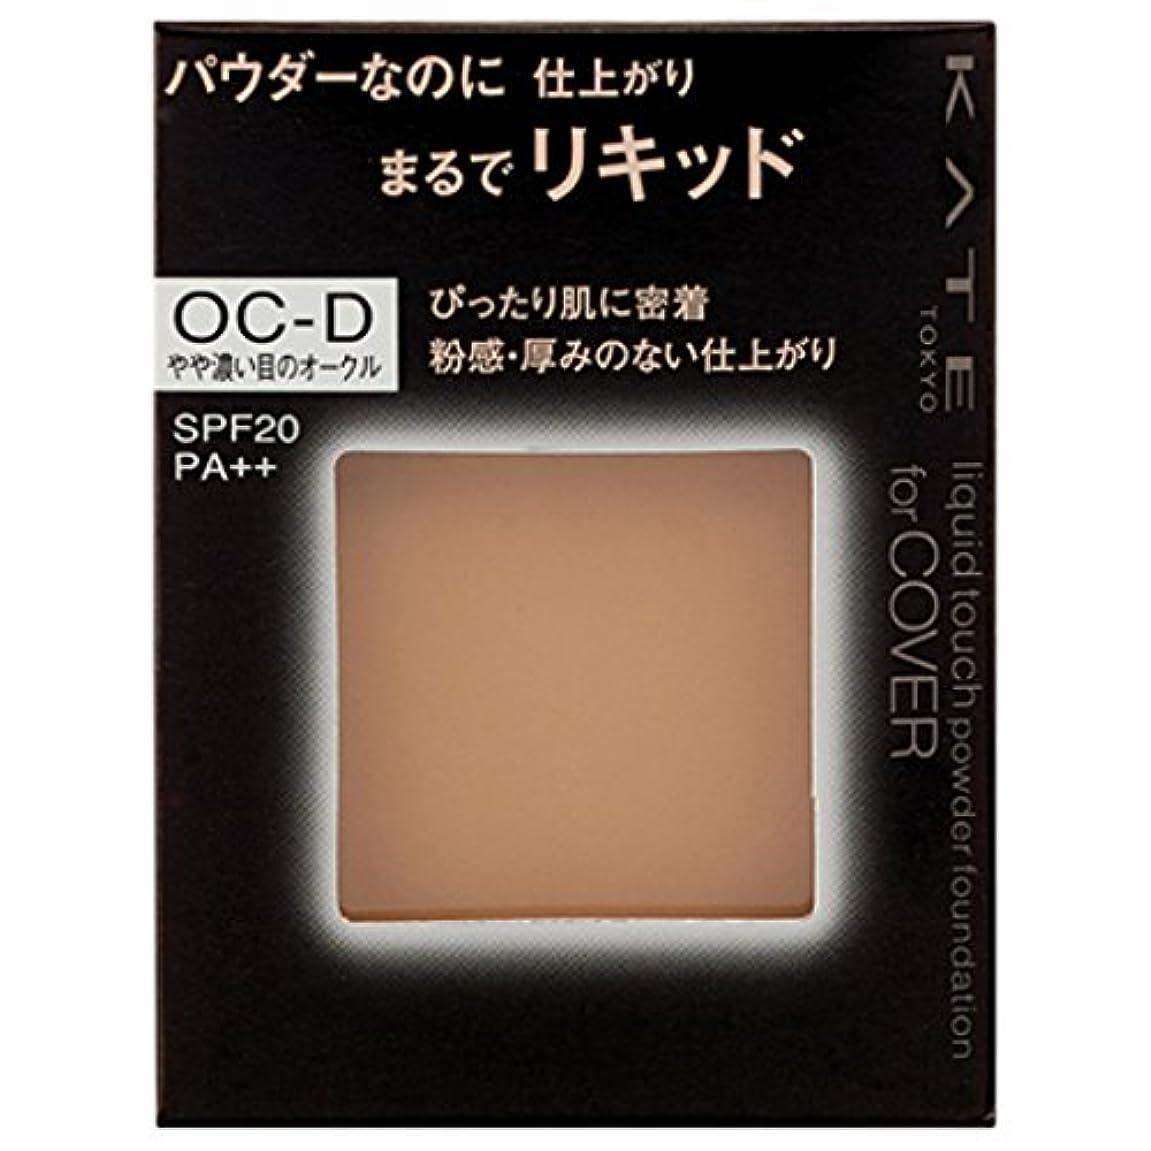 一般穴ライターカネボウ KATE(ケイト)リキッドタッチパクト OC-D【やや濃い目のオークル】